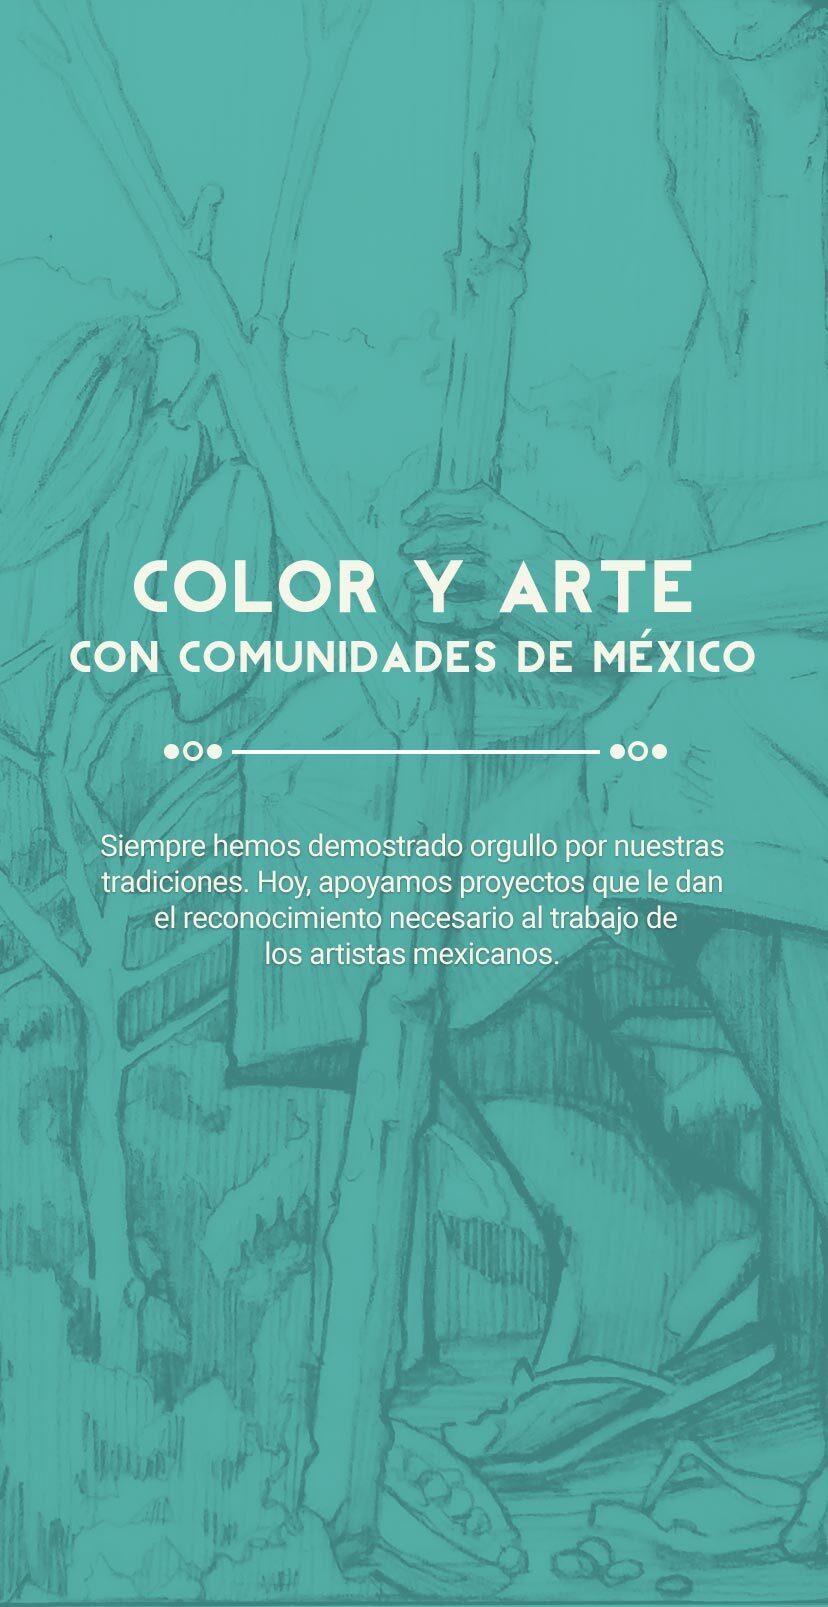 Color y Arte, Mural Leo Monzoy